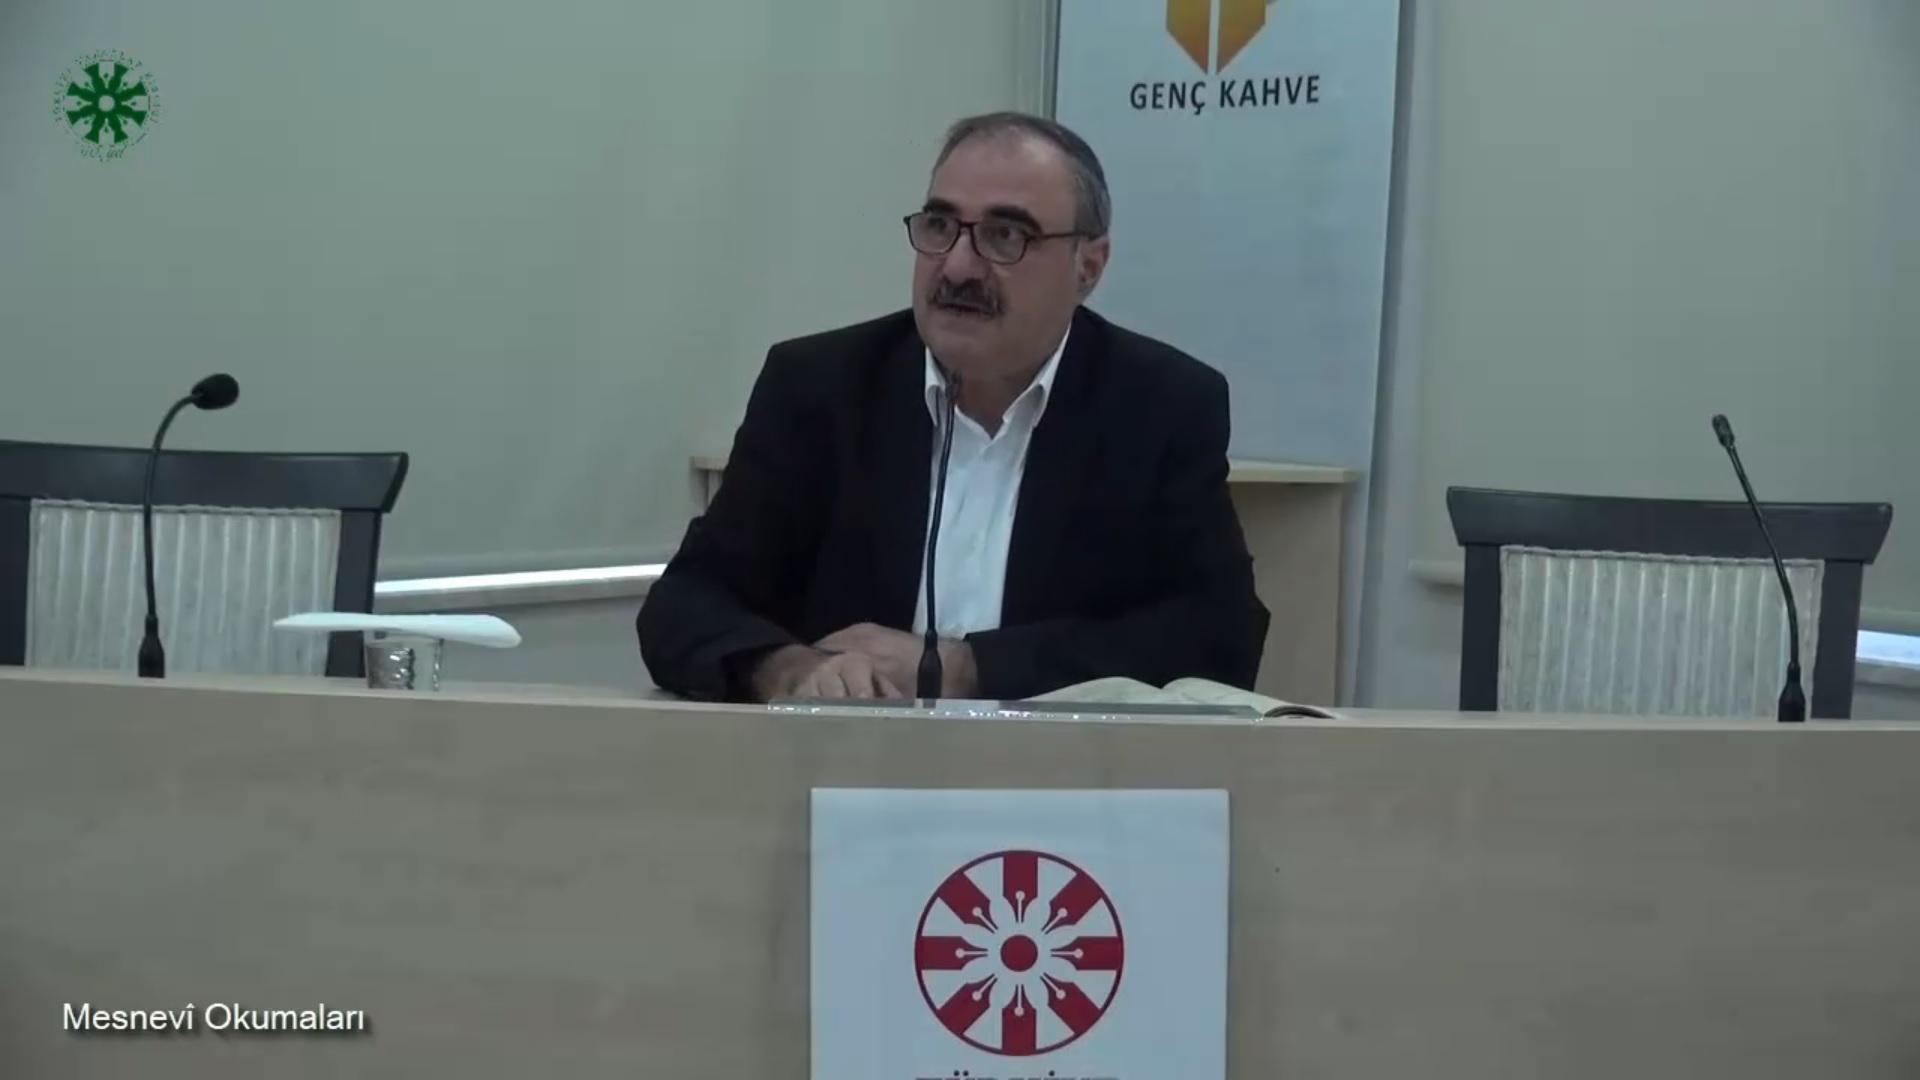 Mesnevî Okumaları -34- Doç. Dr. Yakup Şafak